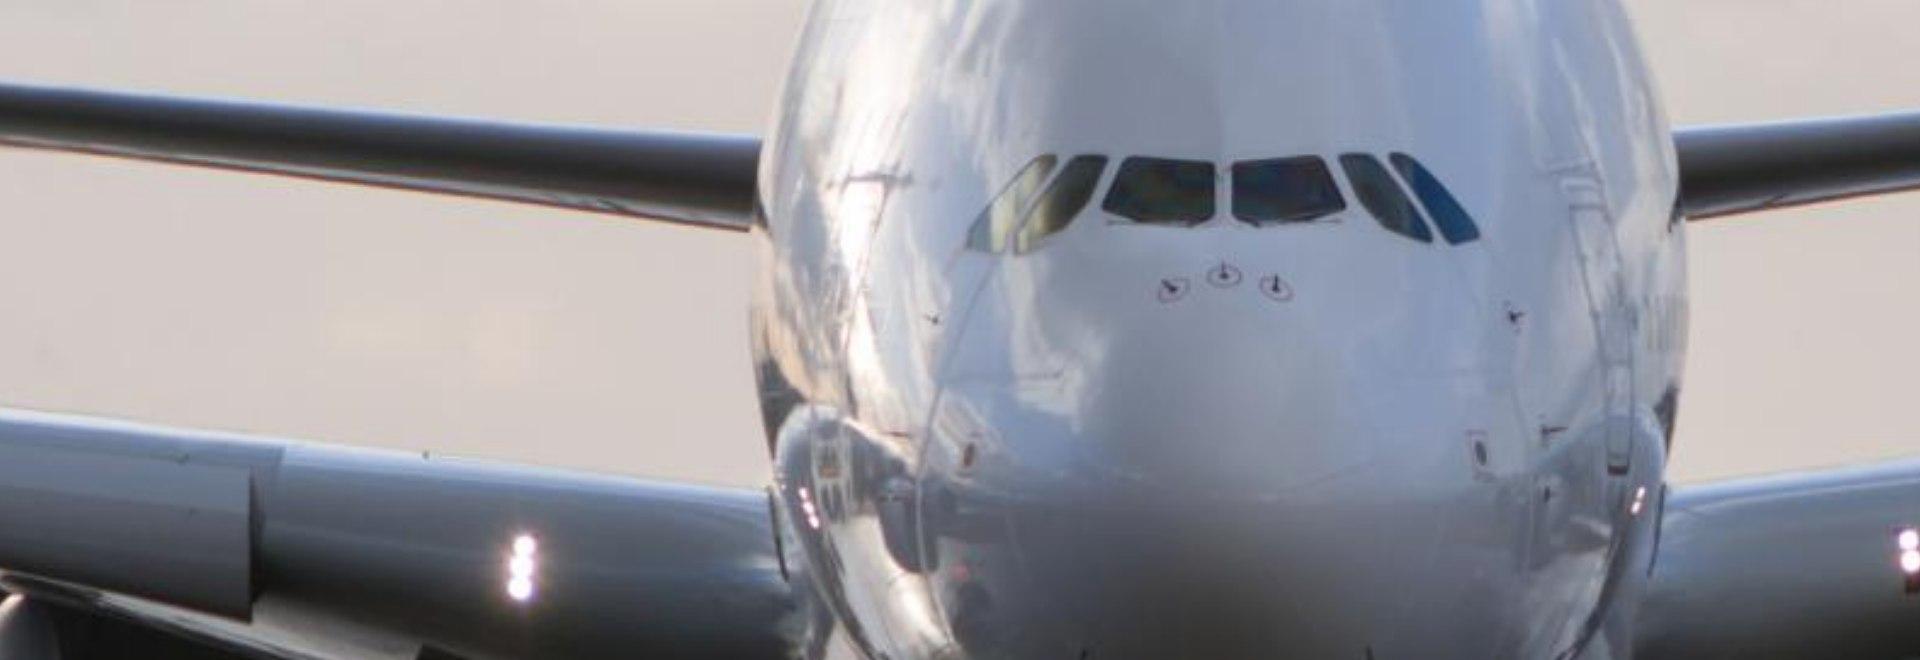 Pronti al decollo